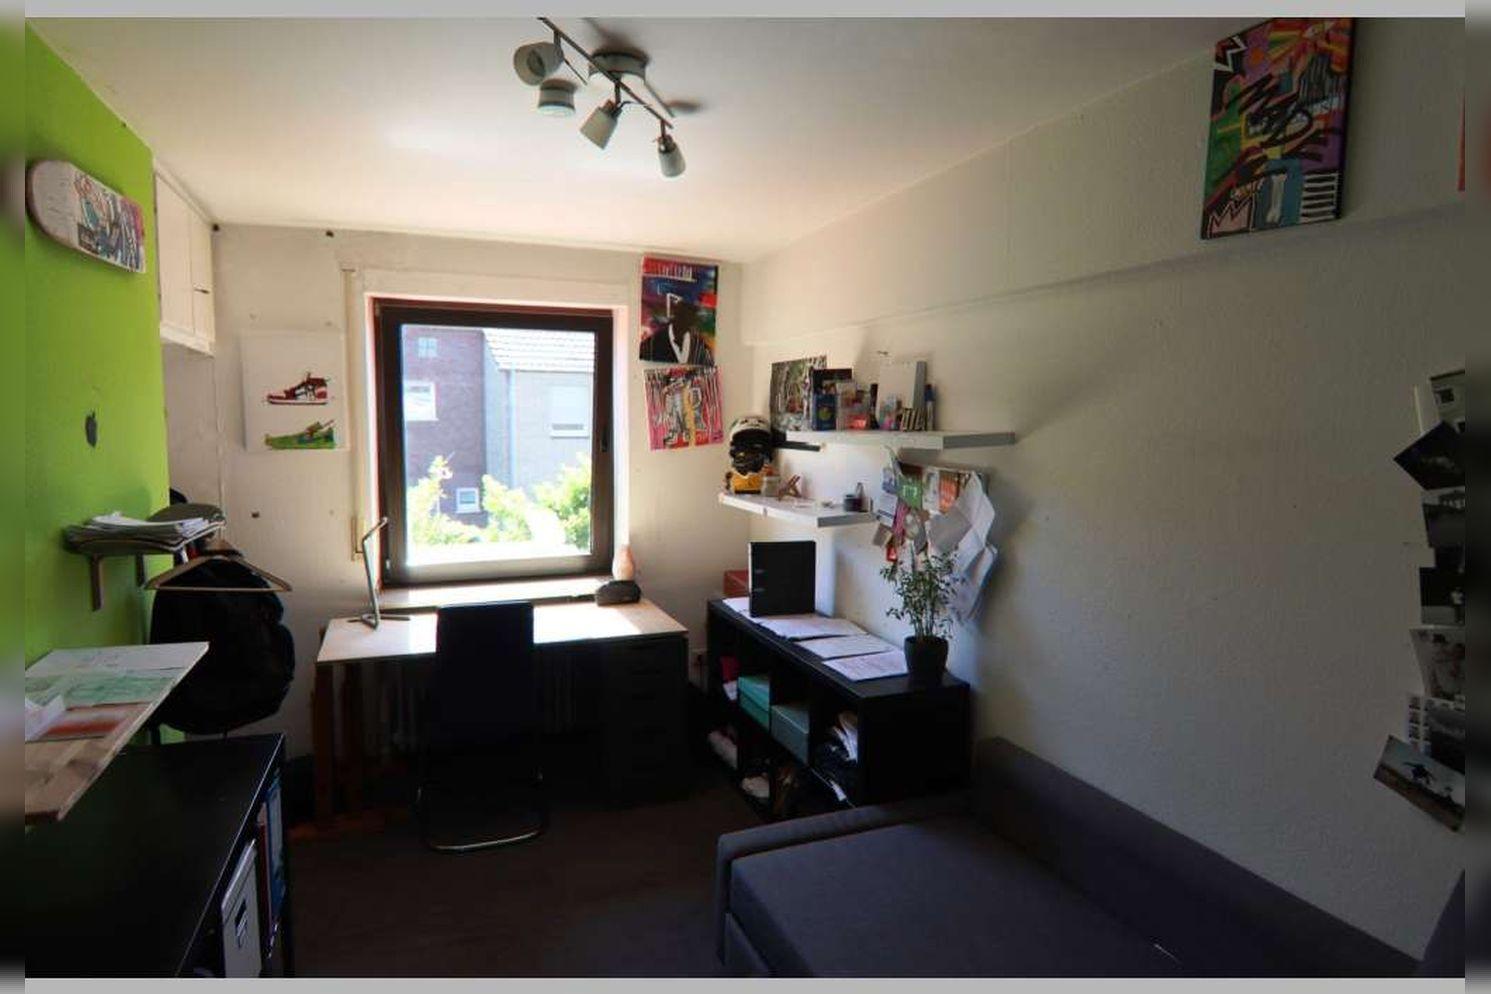 Immobilie Nr.0268 - Reihenmittelhaus mit 4 Zimmern, Küche, Diele, Badezimmer, Gäste-WC, Garten, Garage und Stellplätzen - Bild 14.jpg